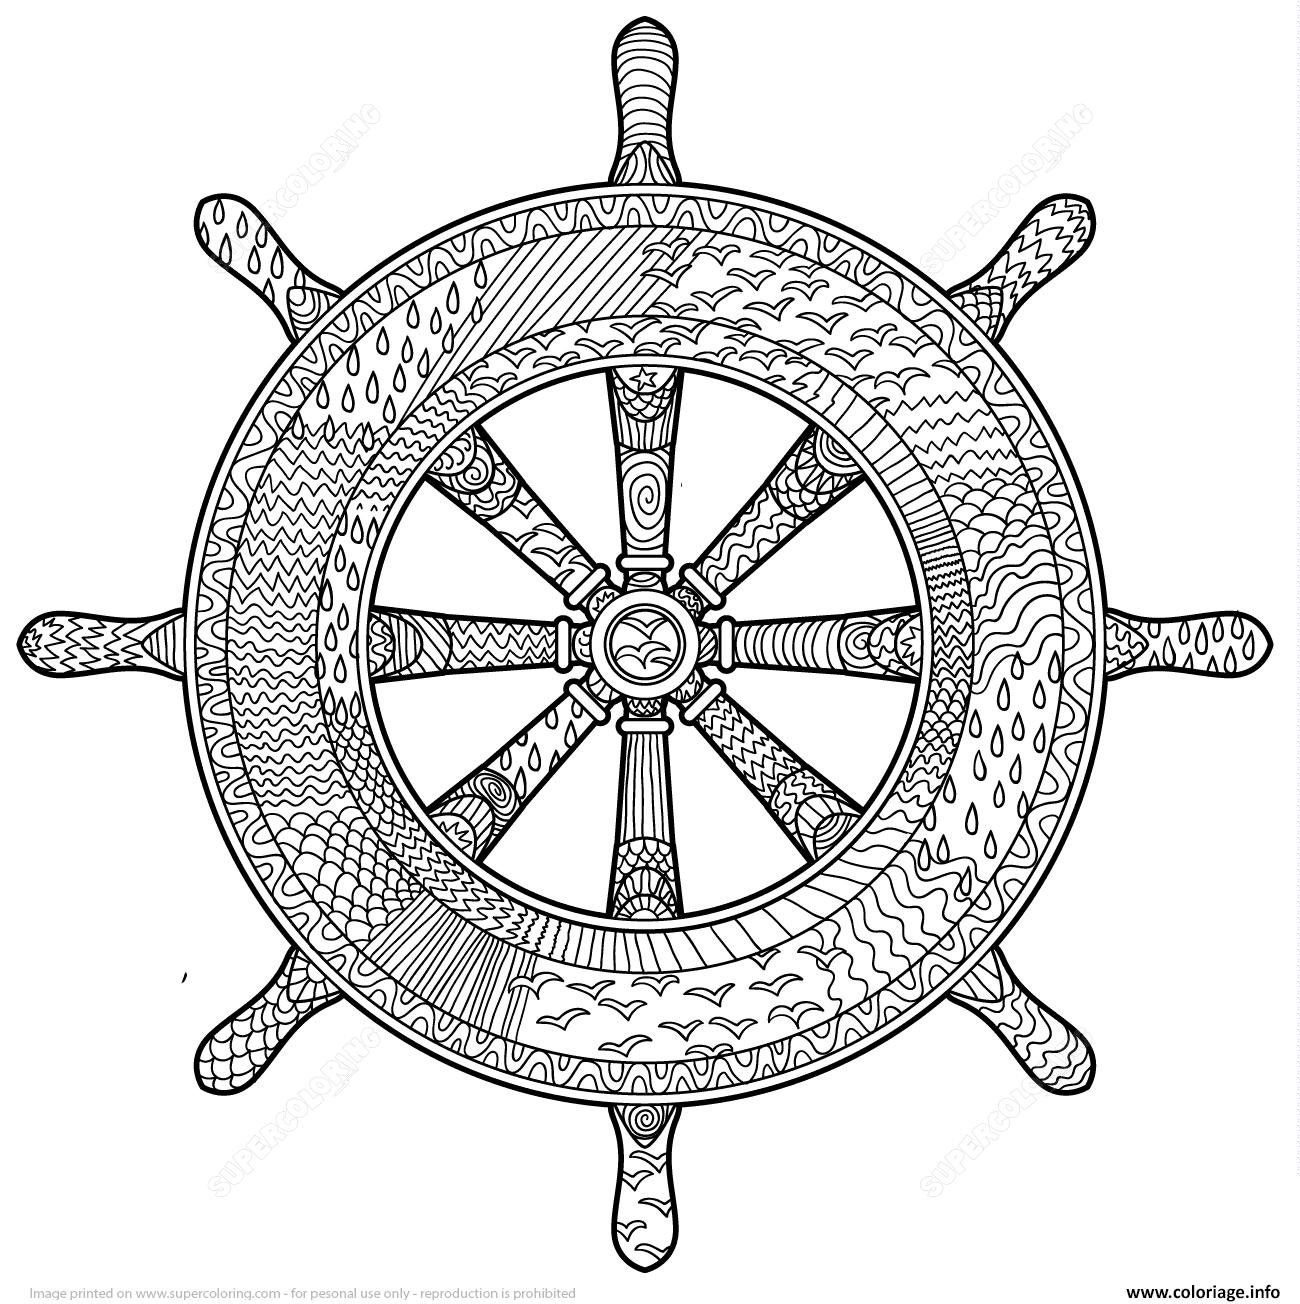 Dessin marine handwheel zentangle adulte Coloriage Gratuit à Imprimer